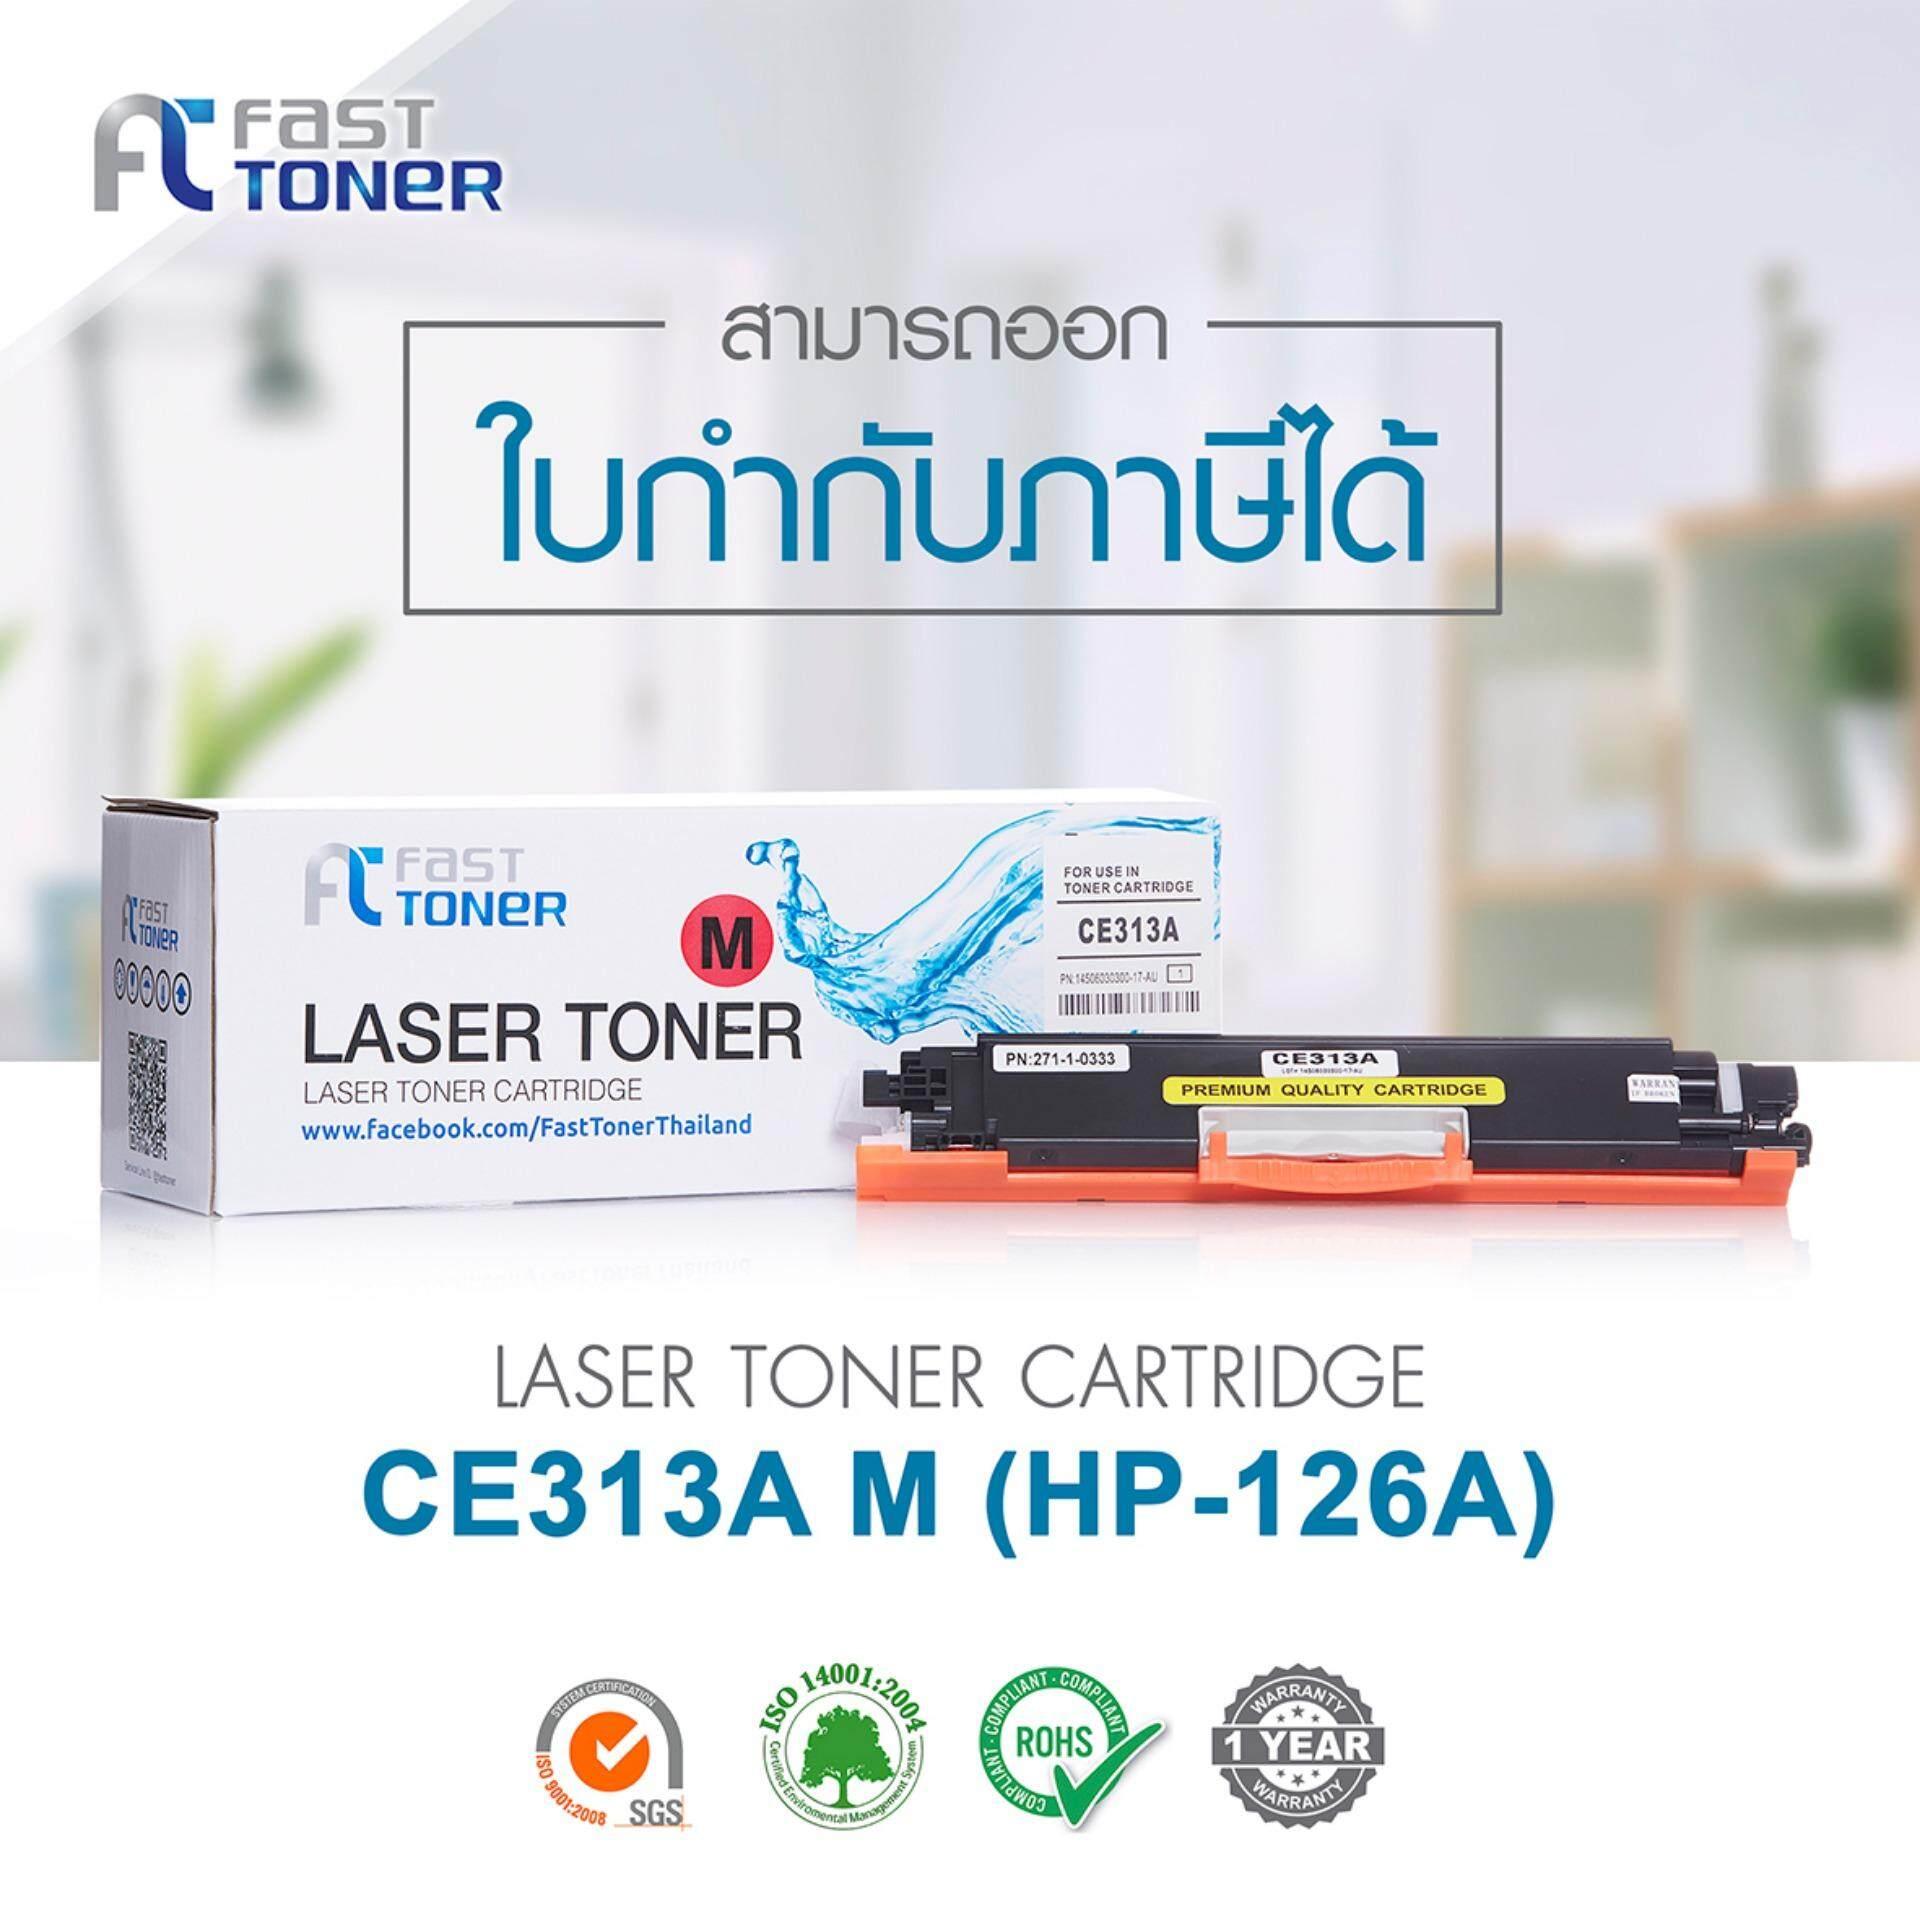 ราคา Fast Toner Hp ตลับหมึกเทียบเท่า Hp 131A รุ่น Cf213A แดง สำหรับเครื่องปริ้นเตอร์ รุ่น Hp Laserjet Pro 200 M251 M276 M276N กรุงเทพมหานคร